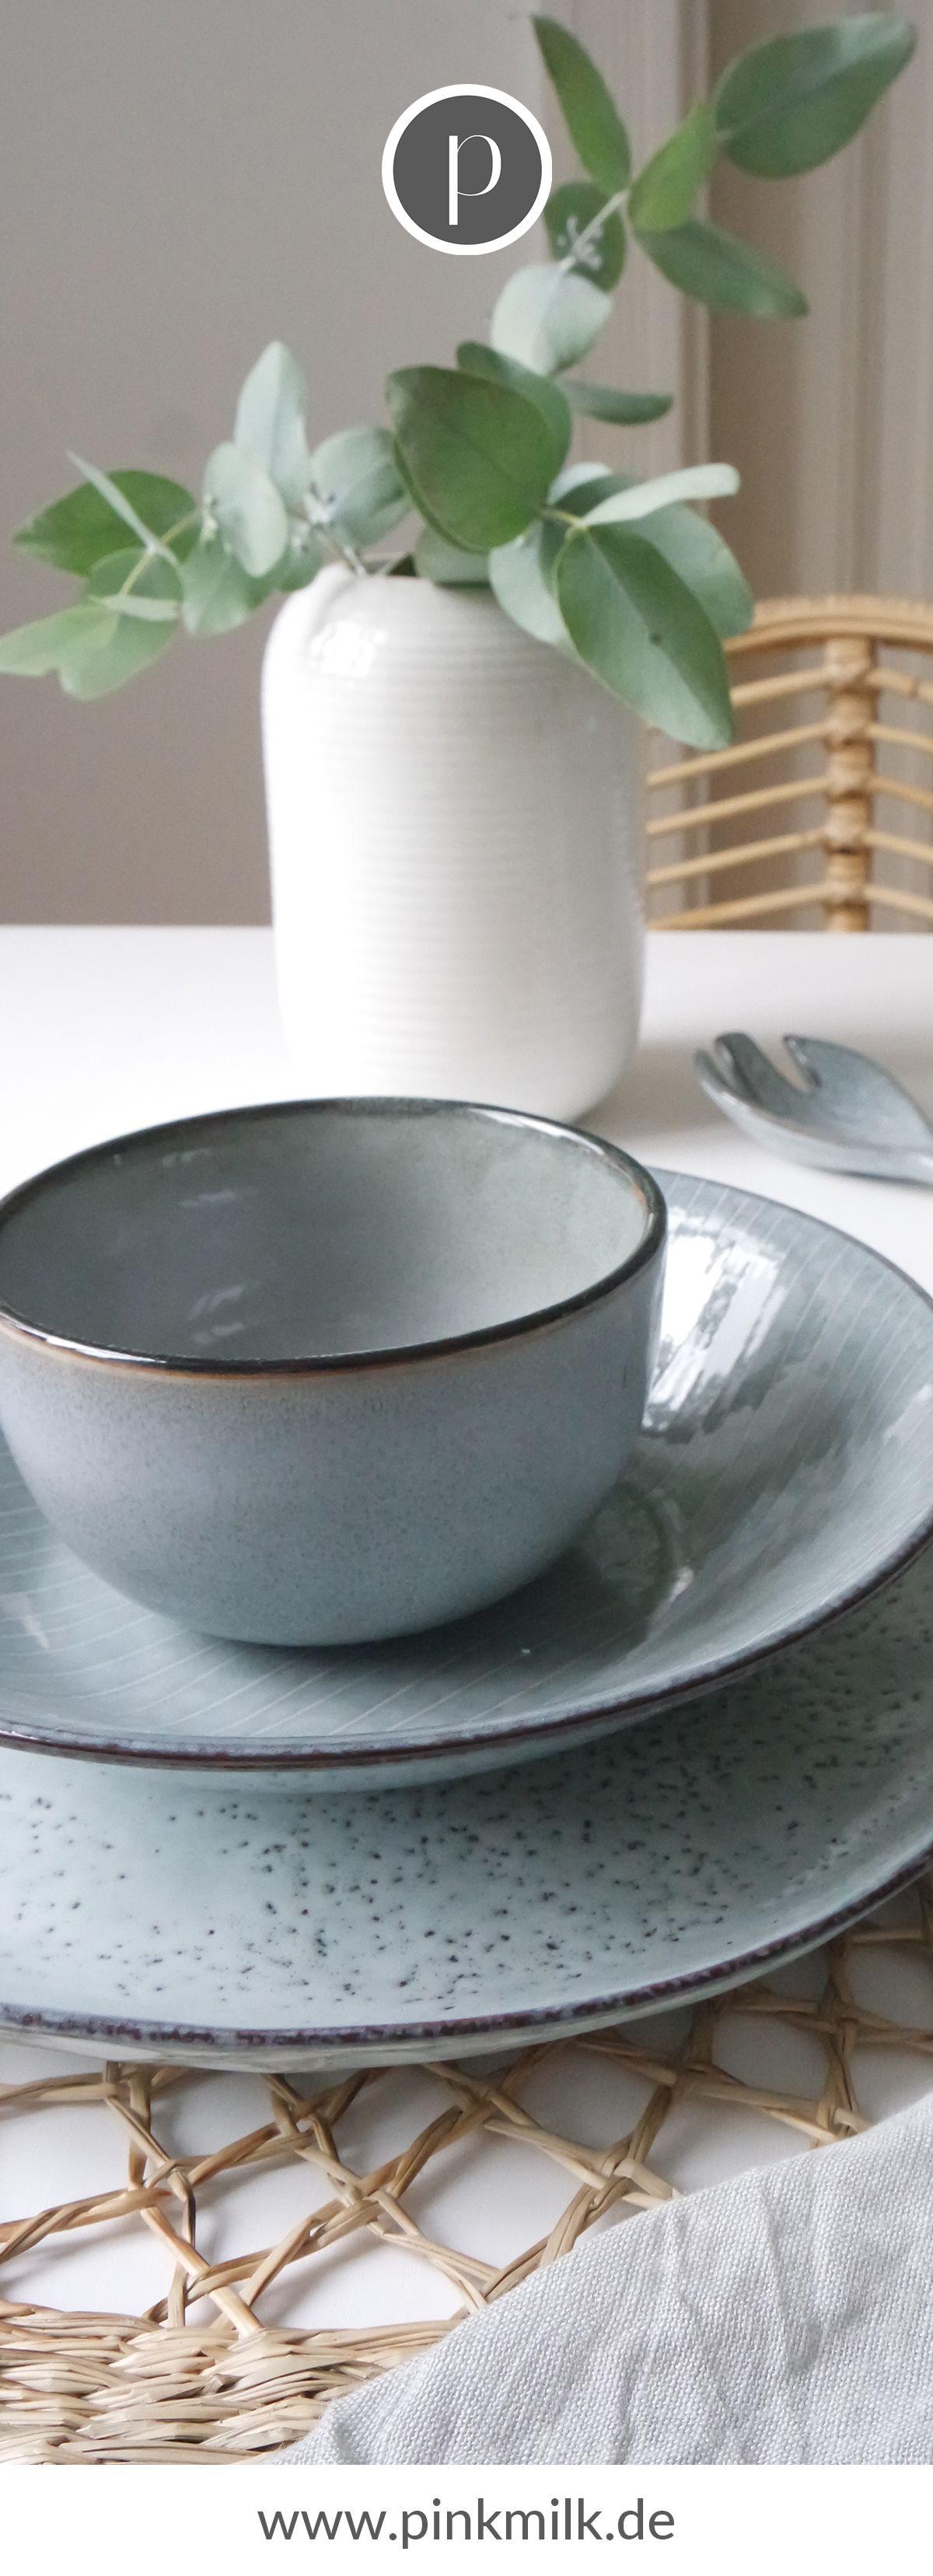 Zu Deinem perfekt gedeckten Tisch gehört ebenfalls eine schöne Dekoration. Die Vase von Bloomingville ist immer einsatzbereit und lässt sich super kombinieren.